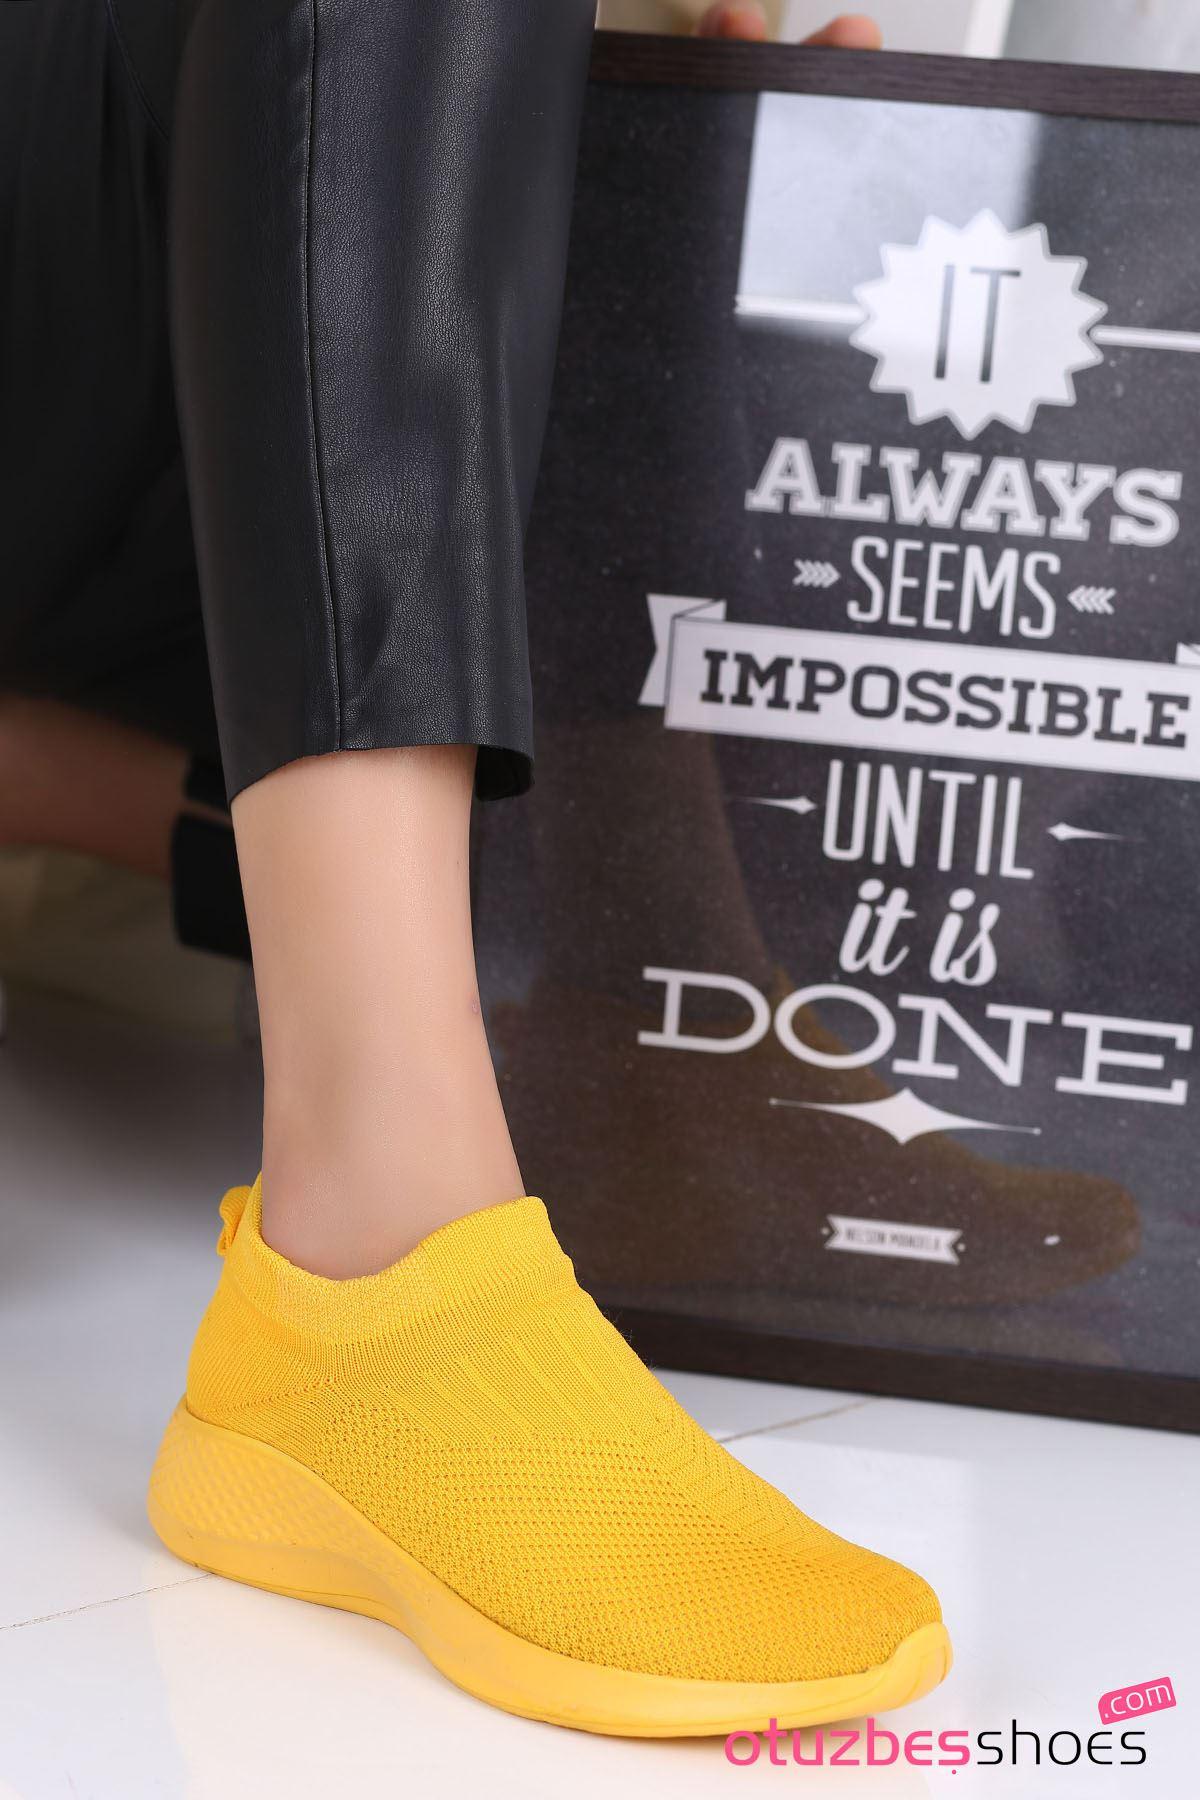 Babs Çelik Örgü Triko Kadın Spor Ayakkabı Sarı